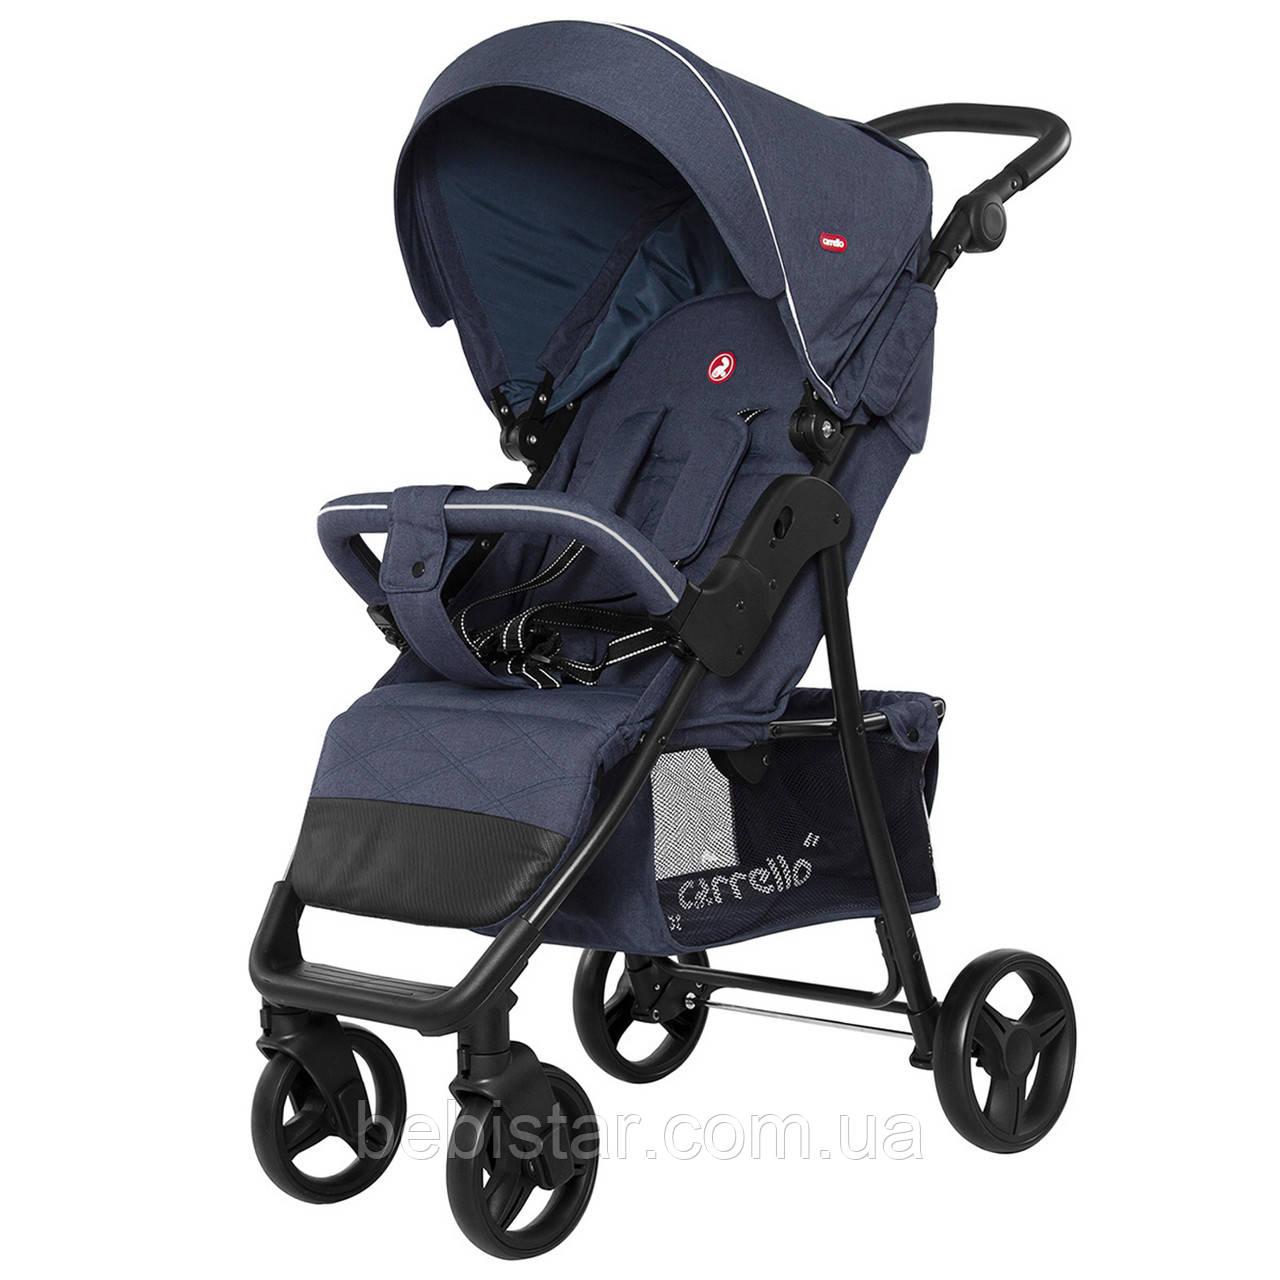 Детская прогулочная коляска синяя, дождевик, черная рама CARRELLO Quattro CRL-8502/2 Admiral Blue в льне